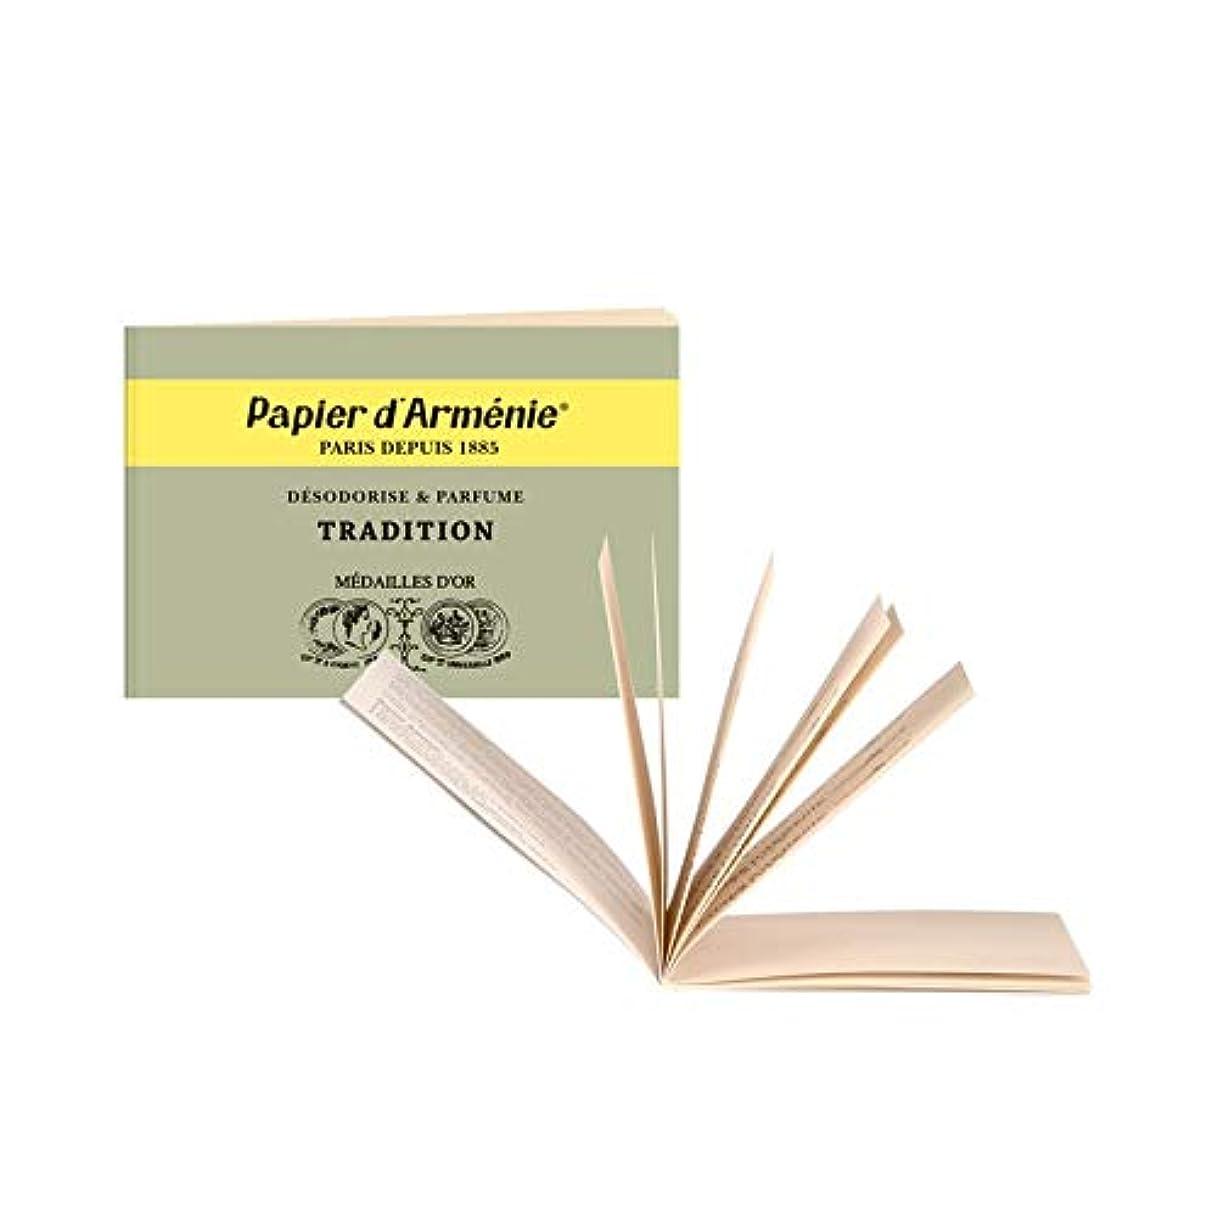 ピッチコーデリア脱走Papier d'Arménie パピエダルメニイ トリプル 紙のお香 フランス直送 [並行輸入品]